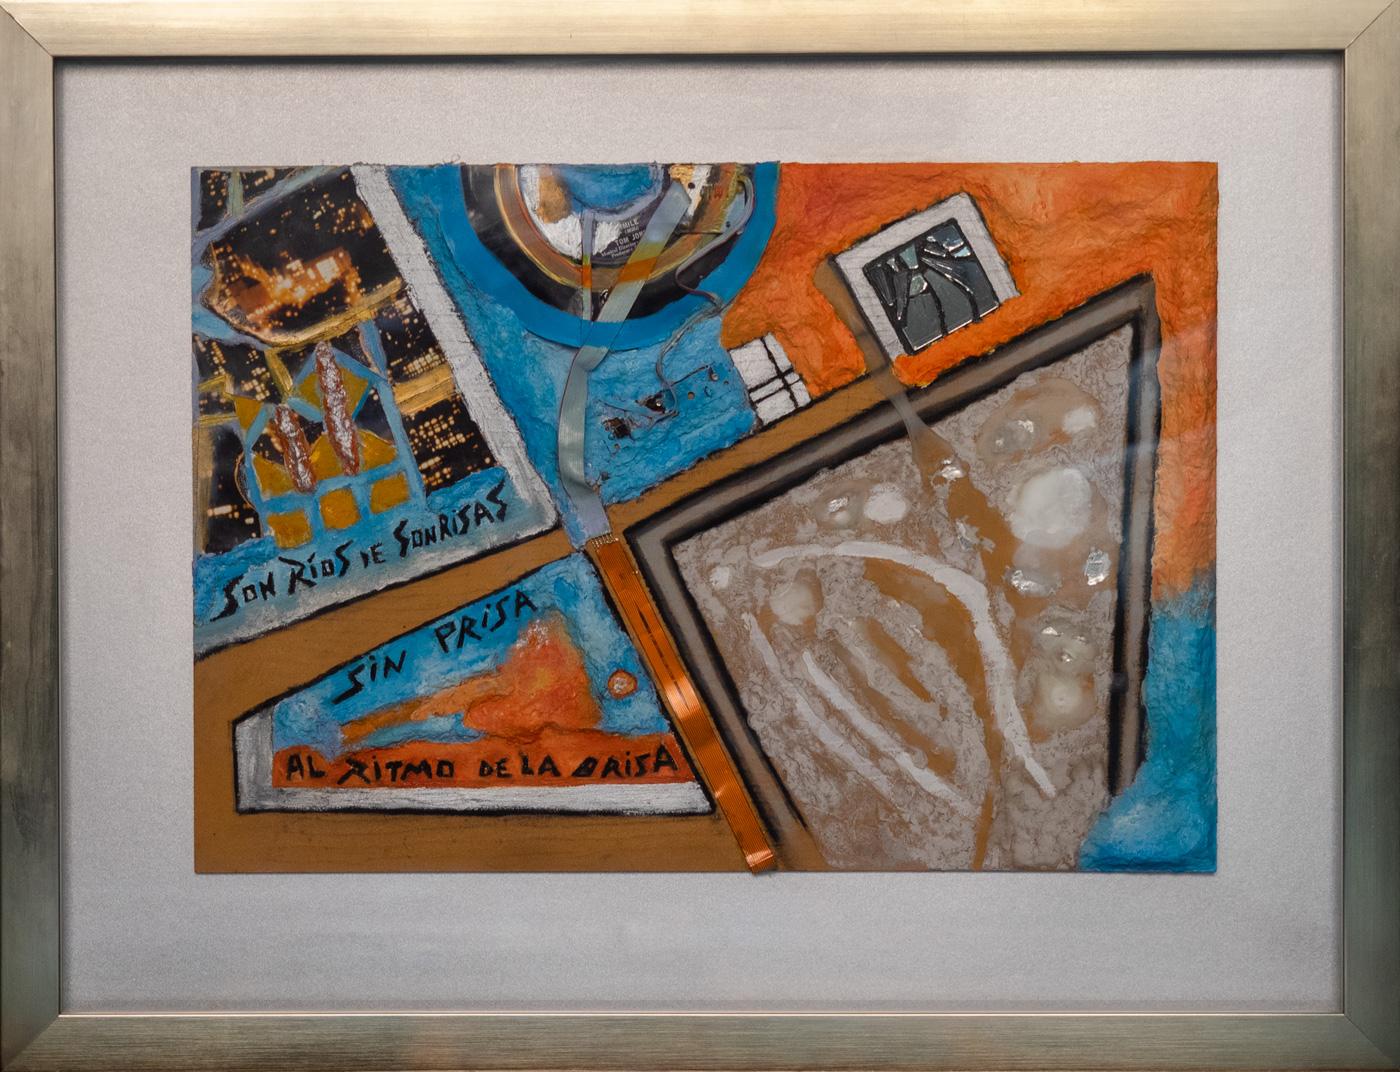 Son ríos de sonrisas (2001) - Román Pintado Garabito